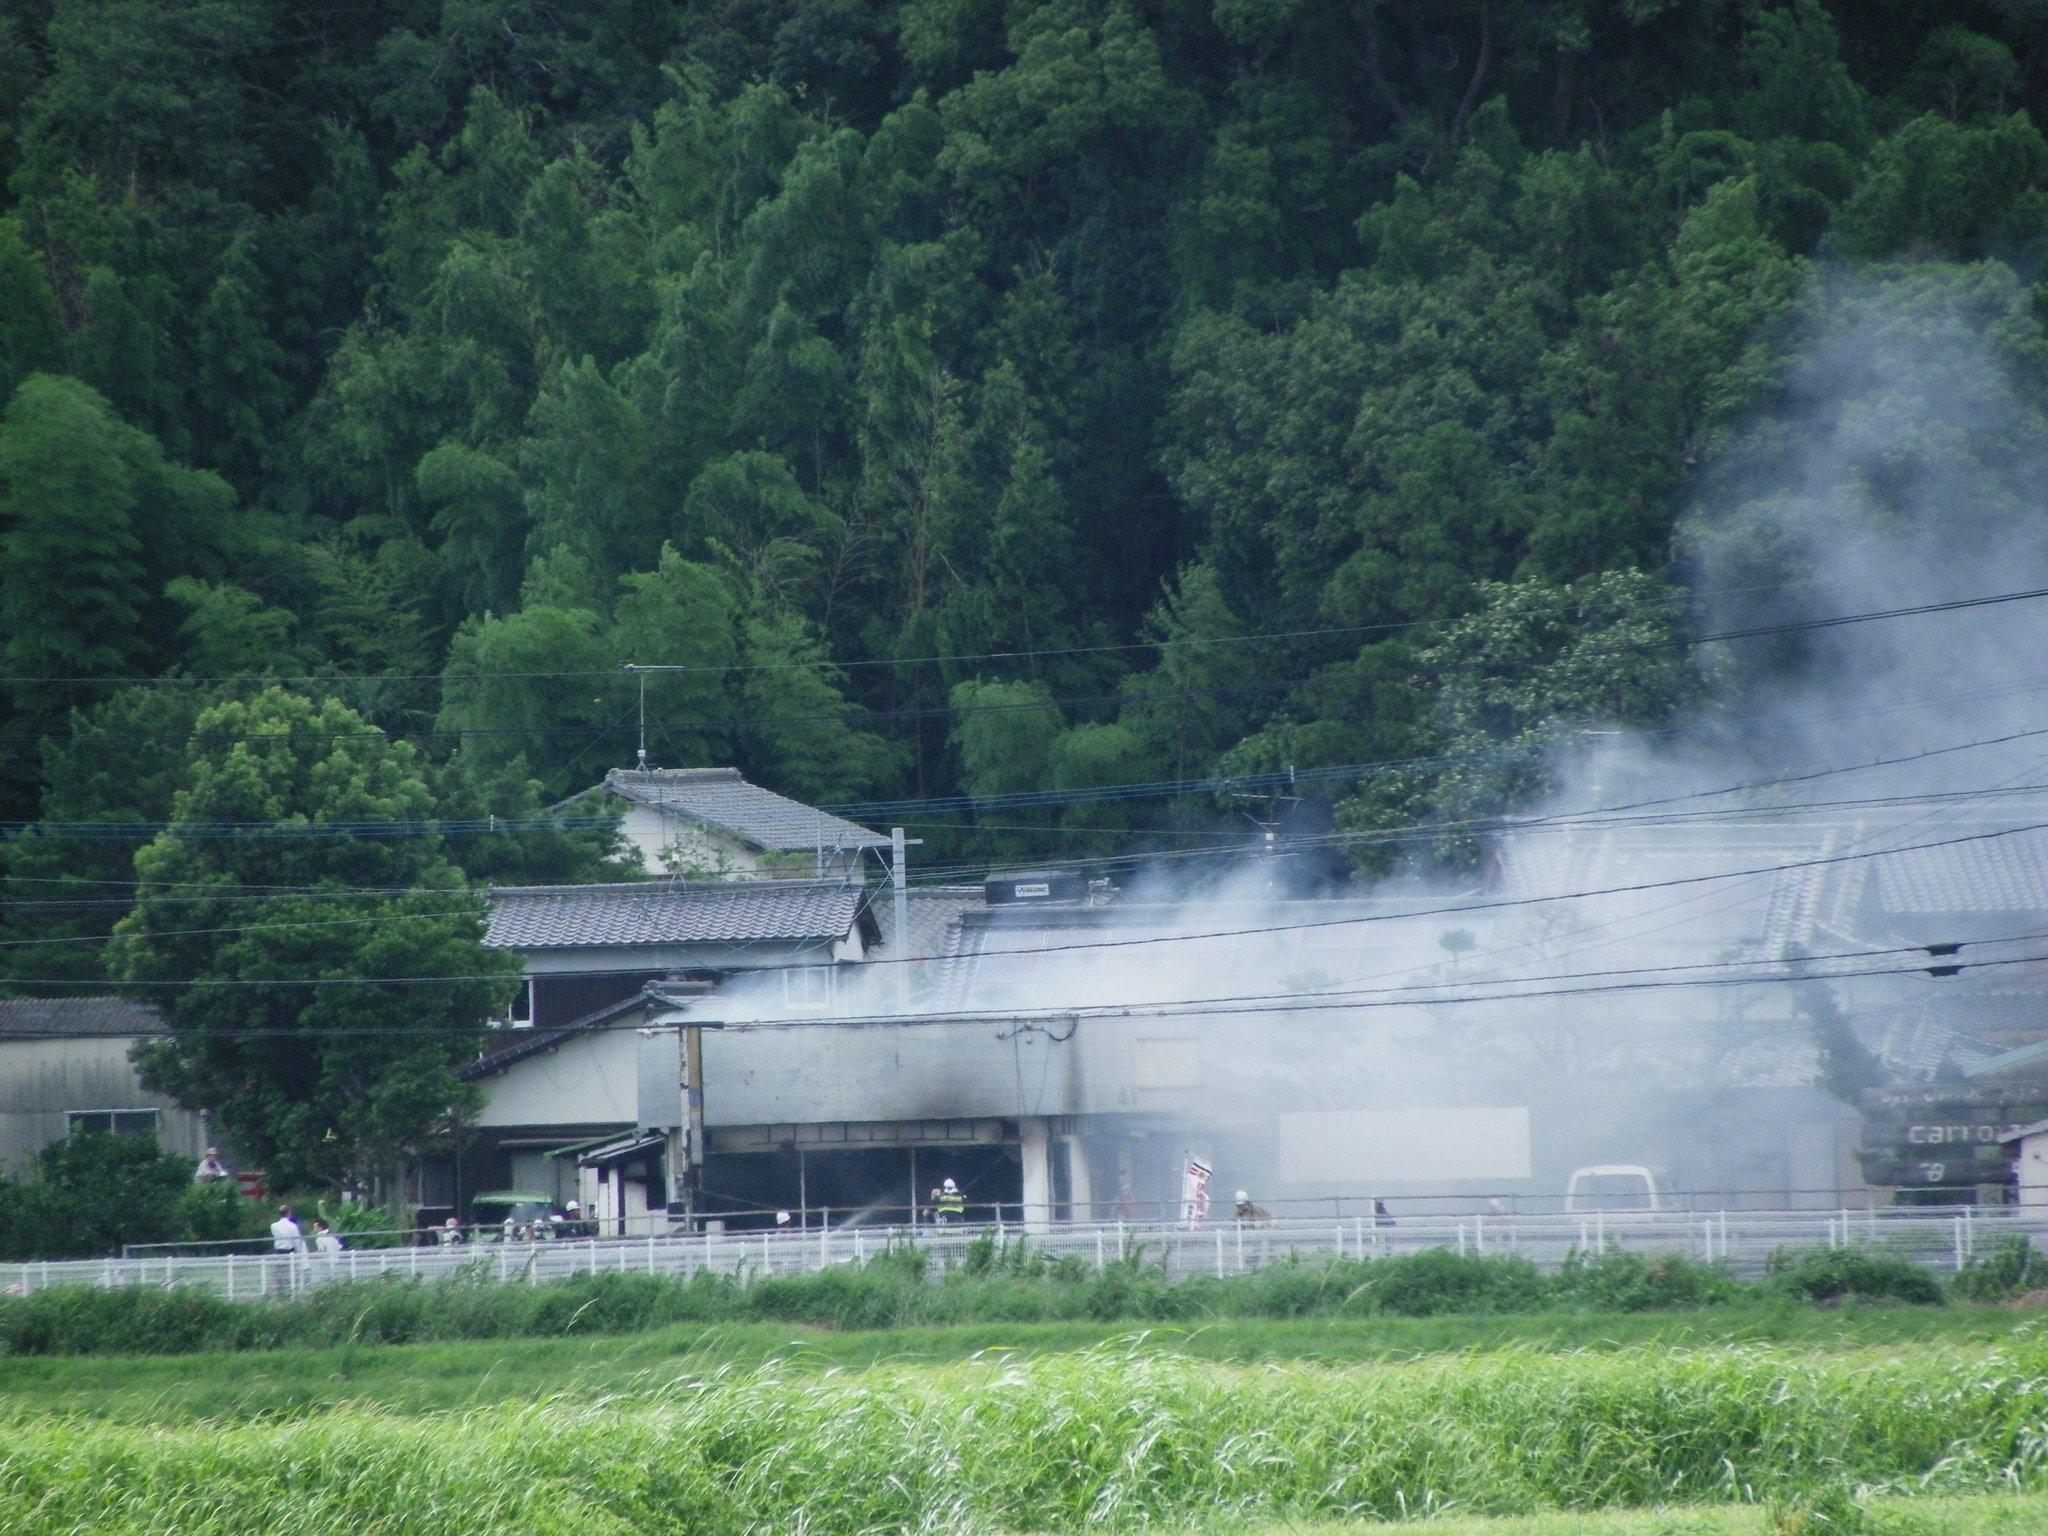 画像,昨日の糸島市二丈松末の火災国道202号線沿いの「ふくろう」という焼鳥店だったそうで、今朝の新聞にも載っていた。 https://t.co/rsyxTQzLe0…